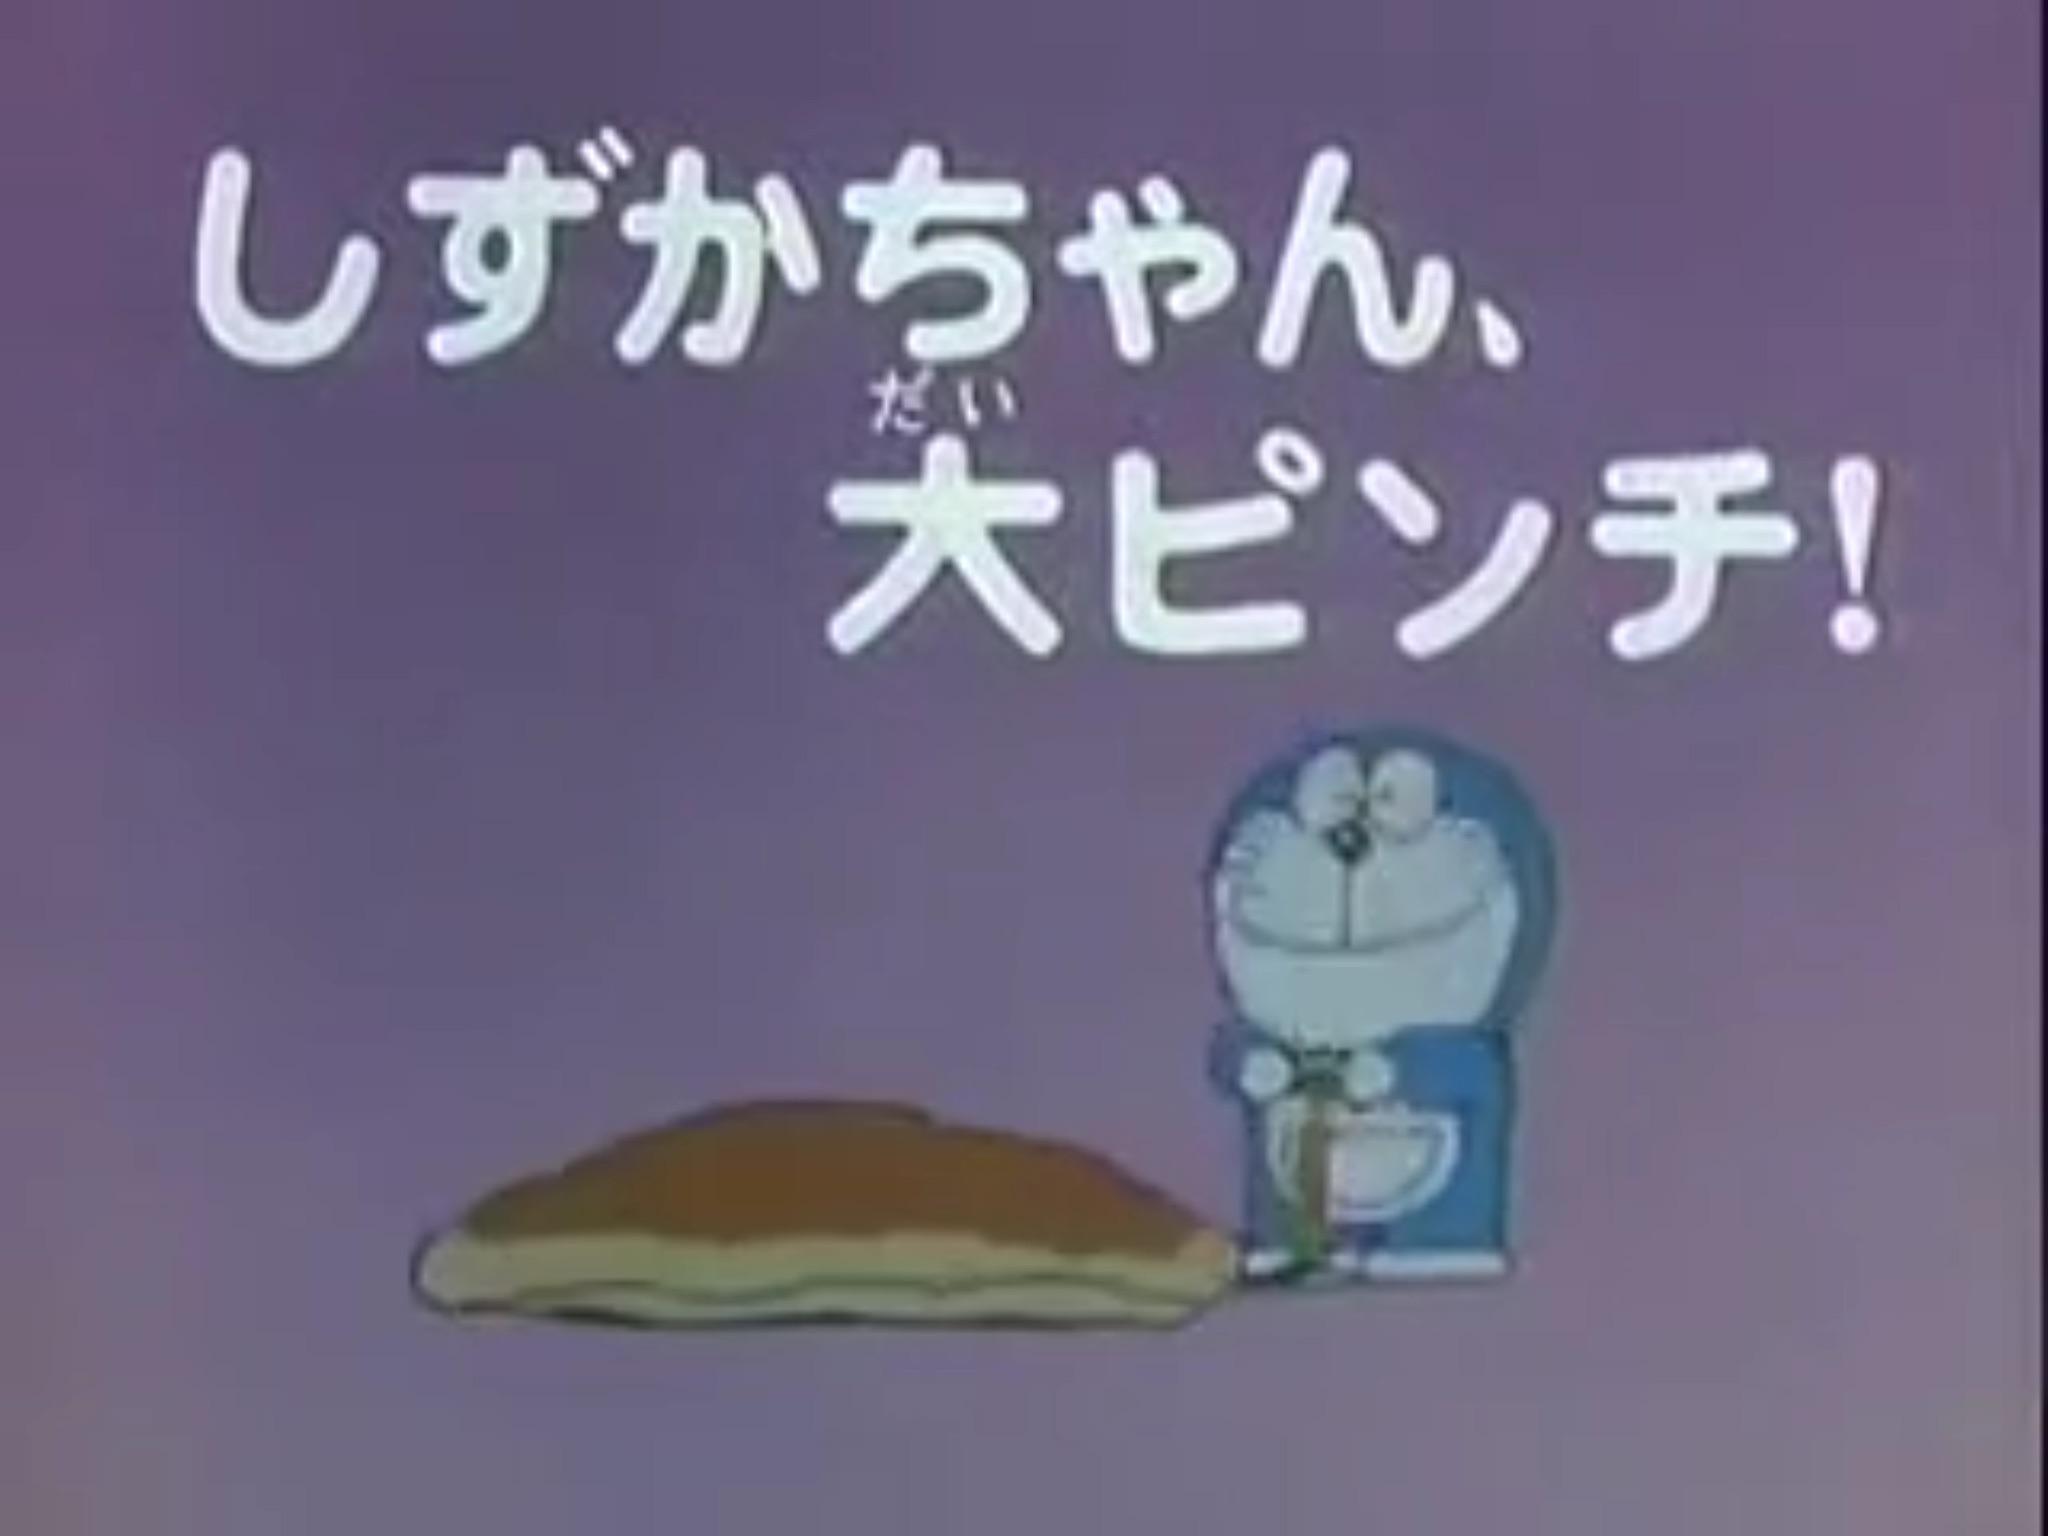 Big Pinch, Shizuka-chan!